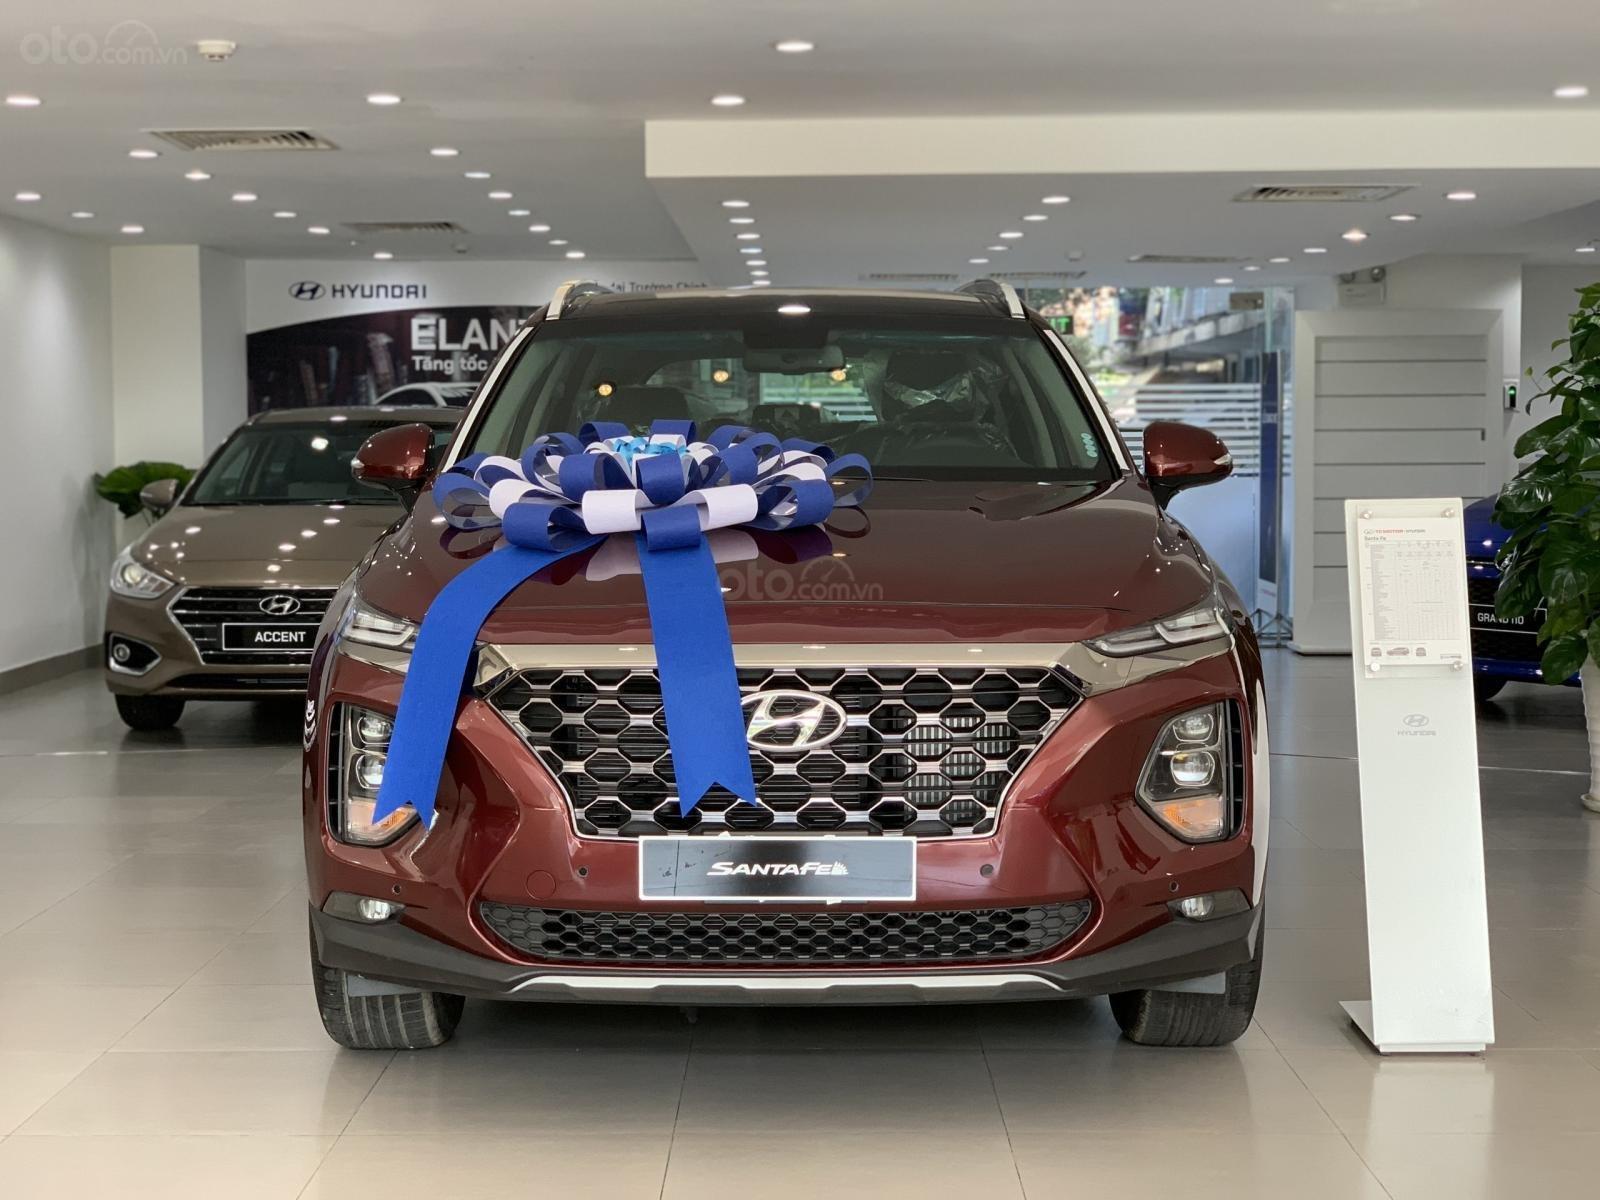 Hyundai Santafe bản đặc biệt nhiều ưu đãi hấp dẫn, khuyến mãi ngập tràn (5)